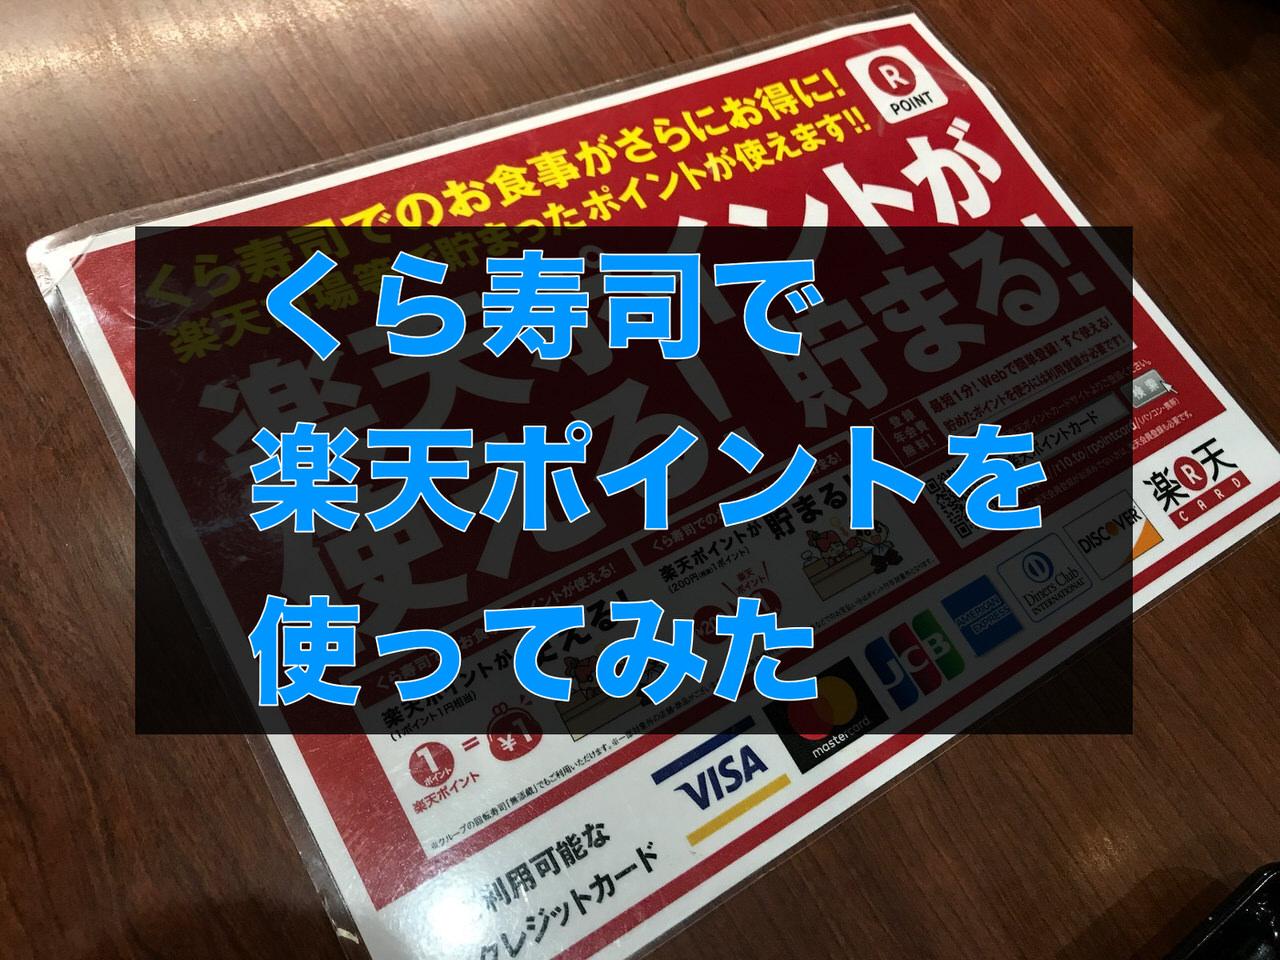 Kura zushi rakuten 9947t 1